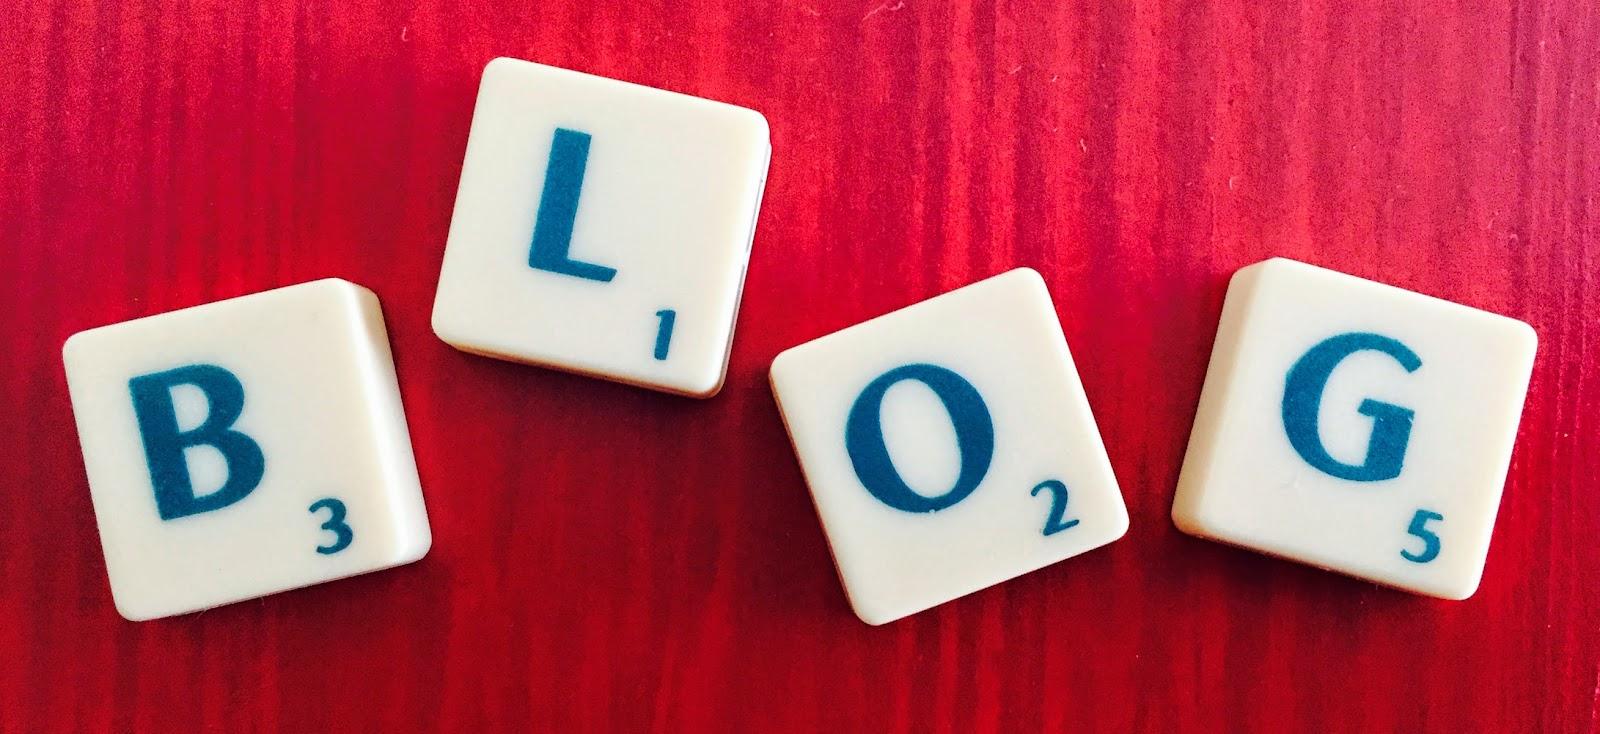 blog - why i blog - why blog - blog yazarligi - blogger